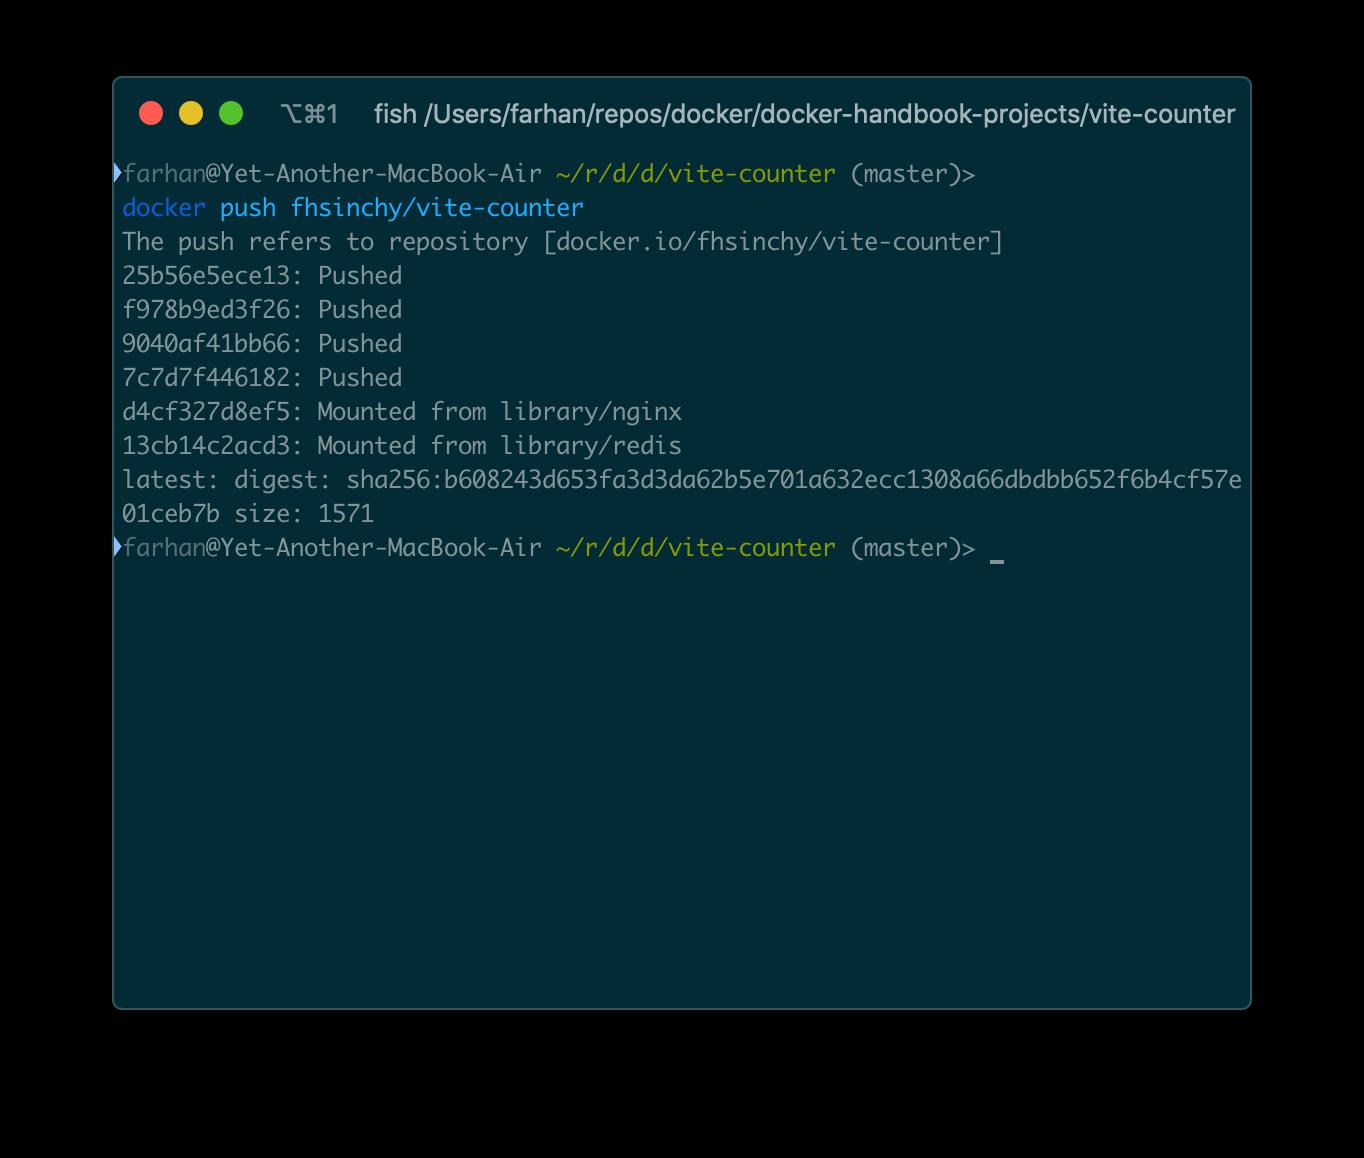 イメージがDocker Hubに正常にプッシュされました